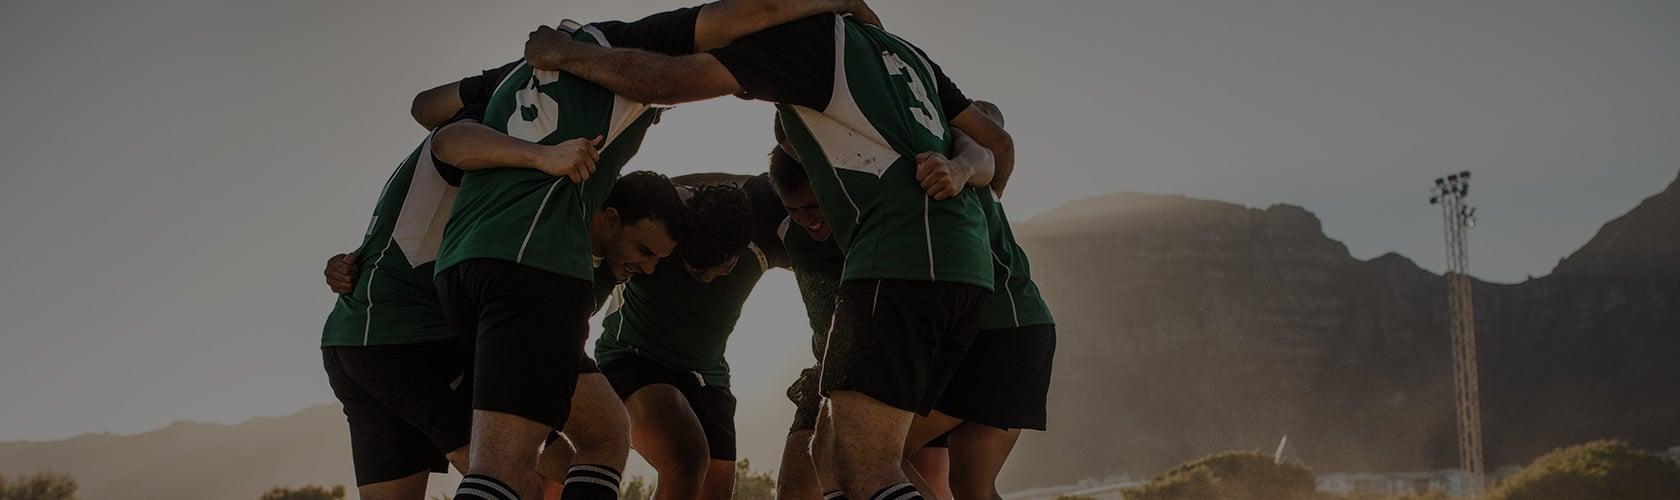 Teams-webinar-5-hubspot-header-iamge